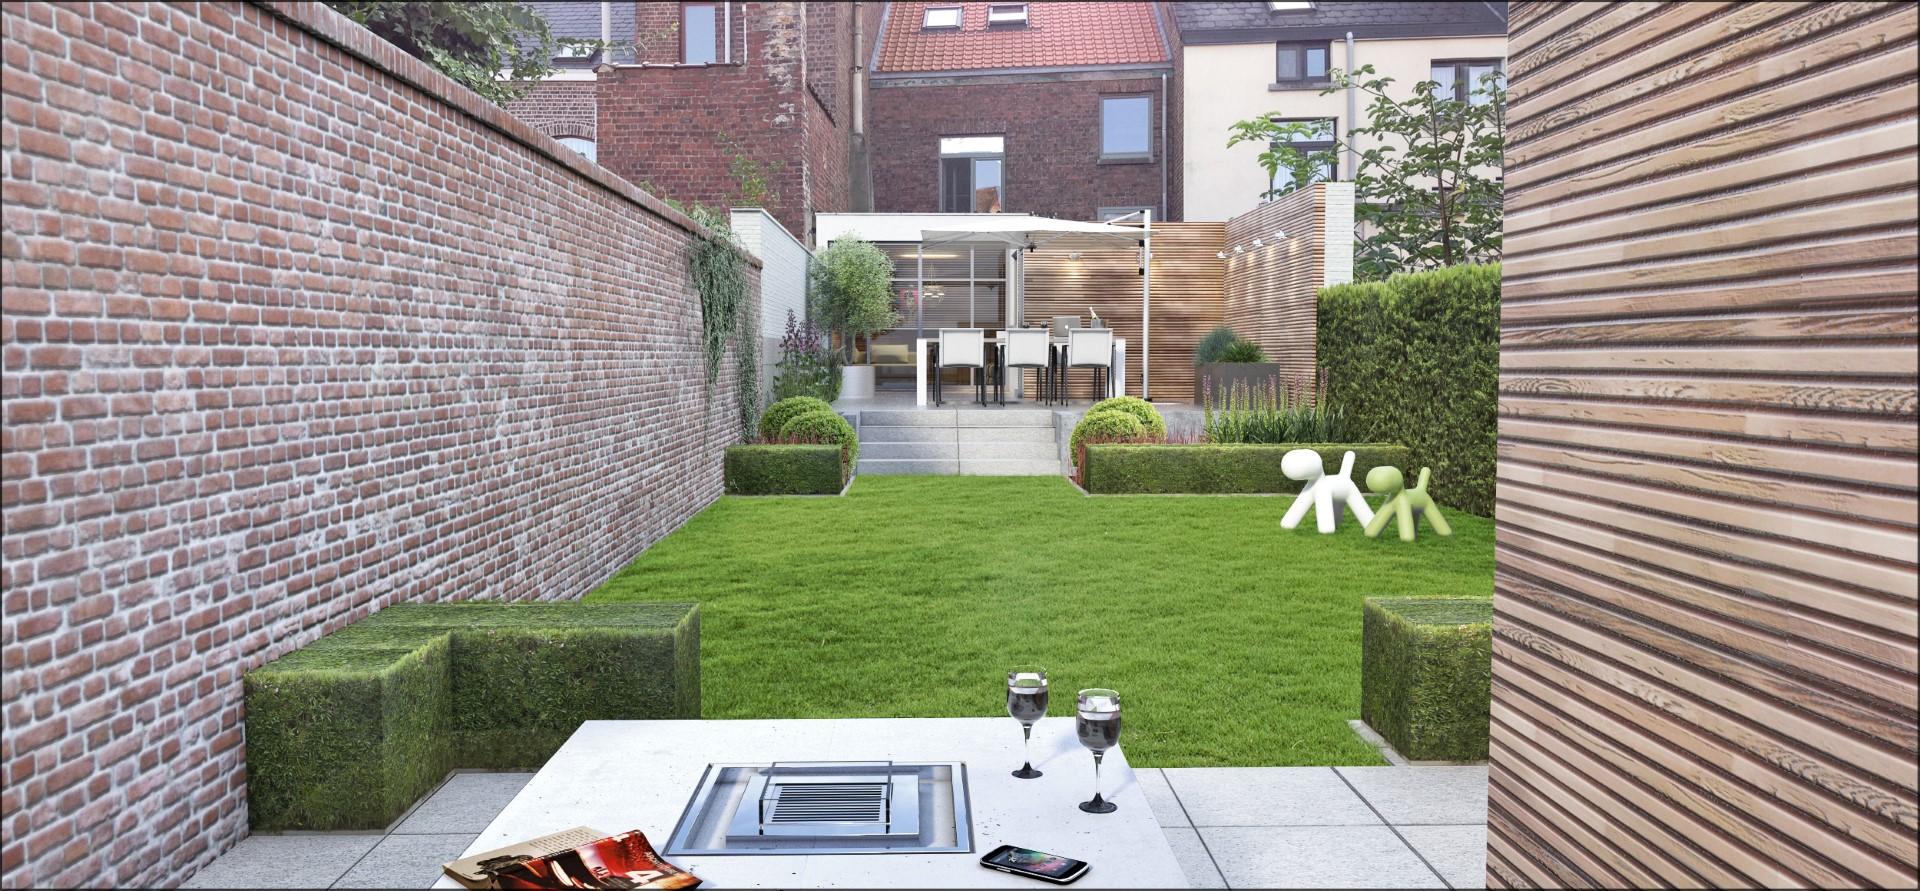 Eco tuinarchitectengroep 3d projecten kleine stadstuin - Kleine stadstuin ...